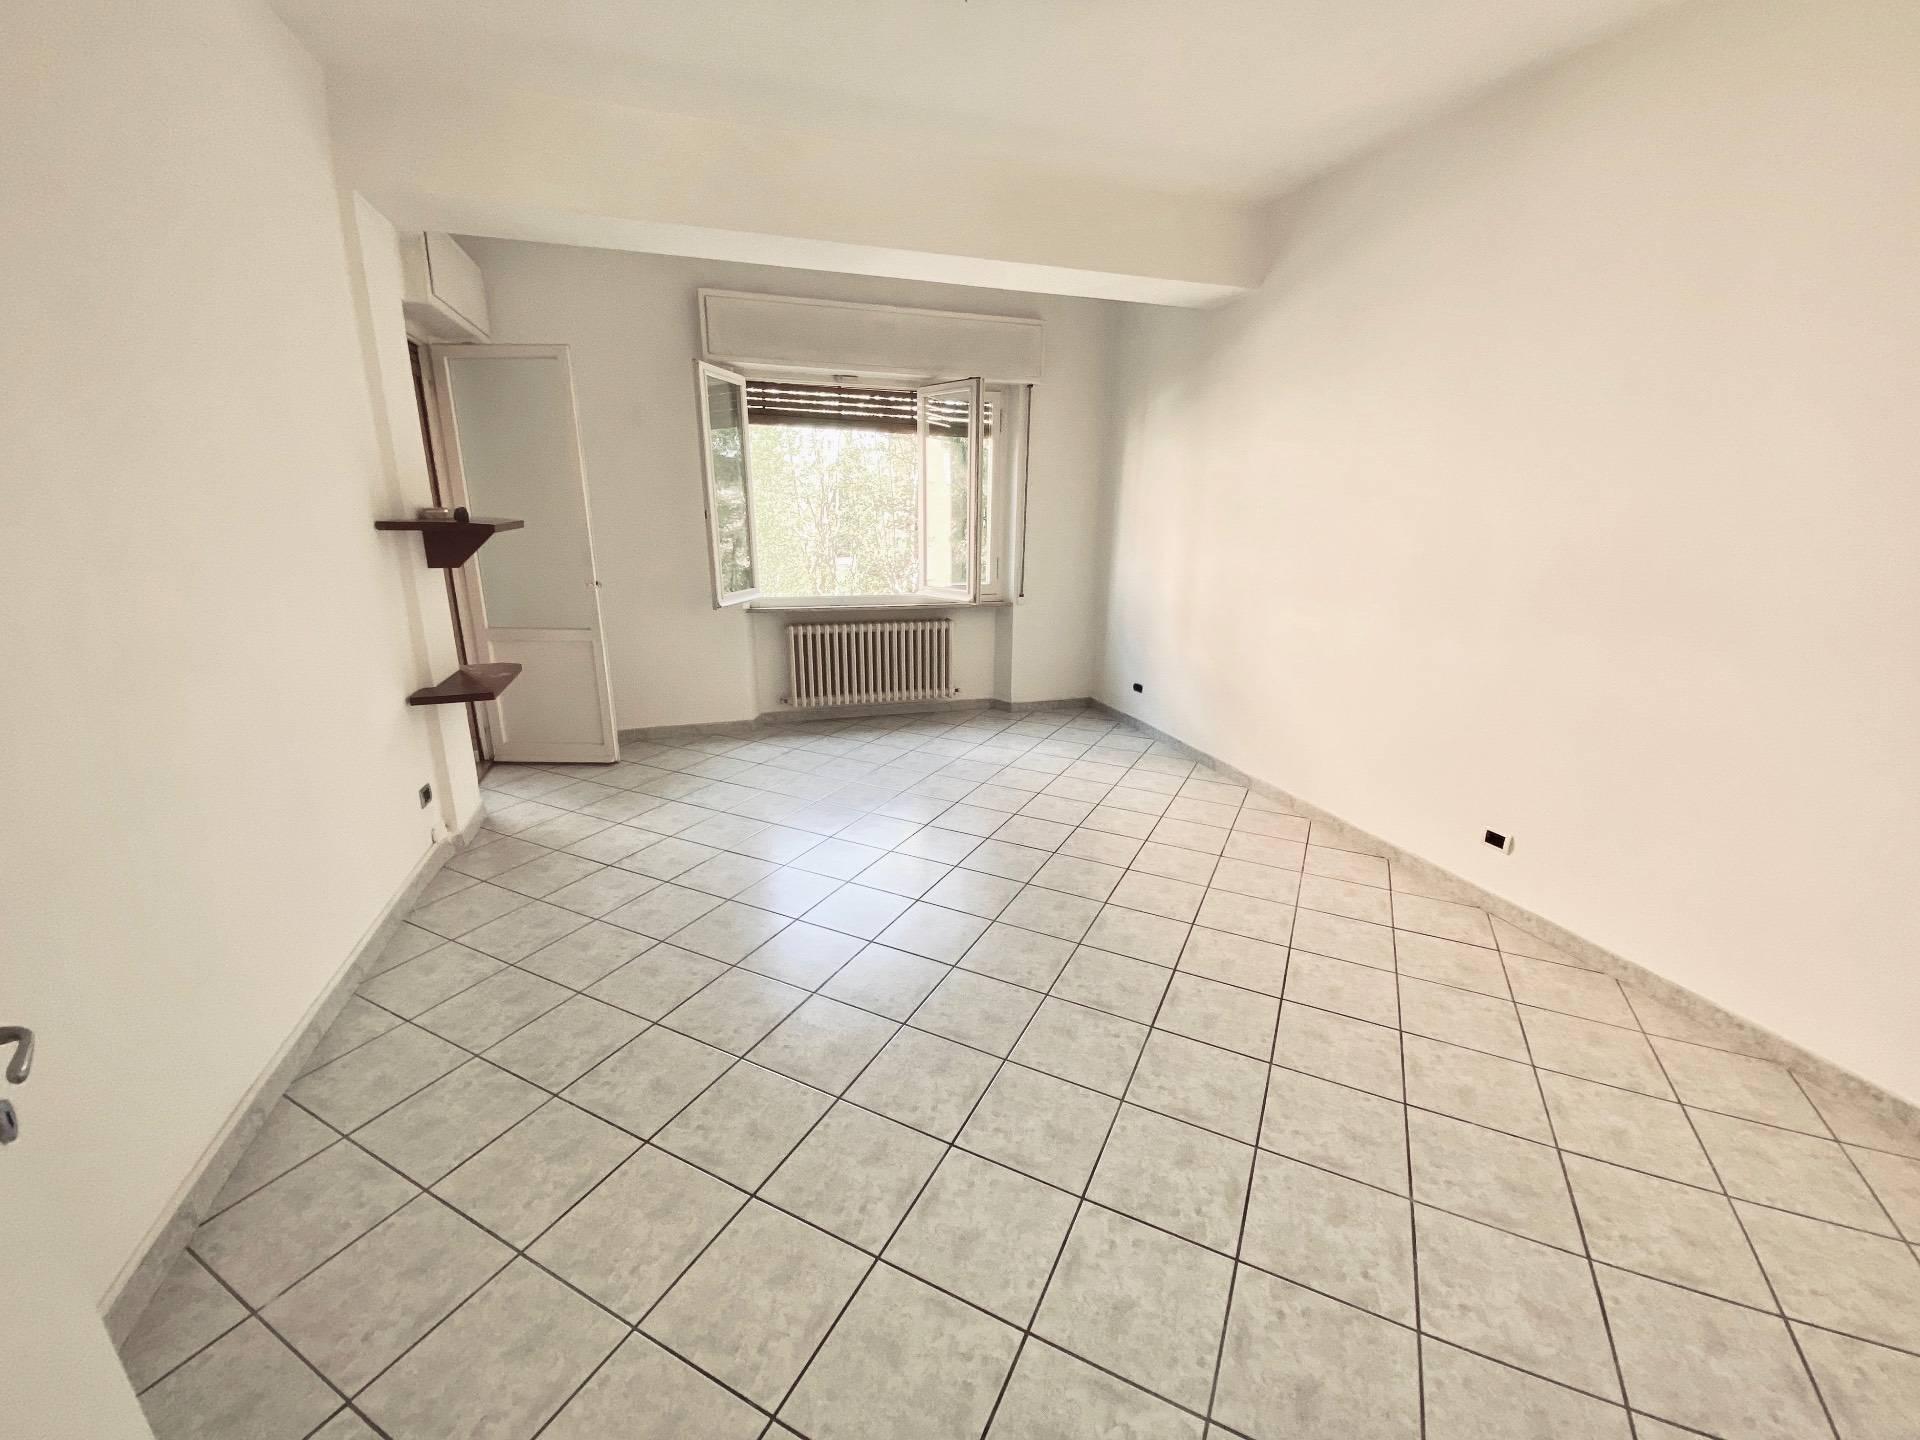 Appartamento in vendita a Fabriano, 7 locali, zona Località: SEMIPERIFERIA, prezzo € 97.000 | CambioCasa.it